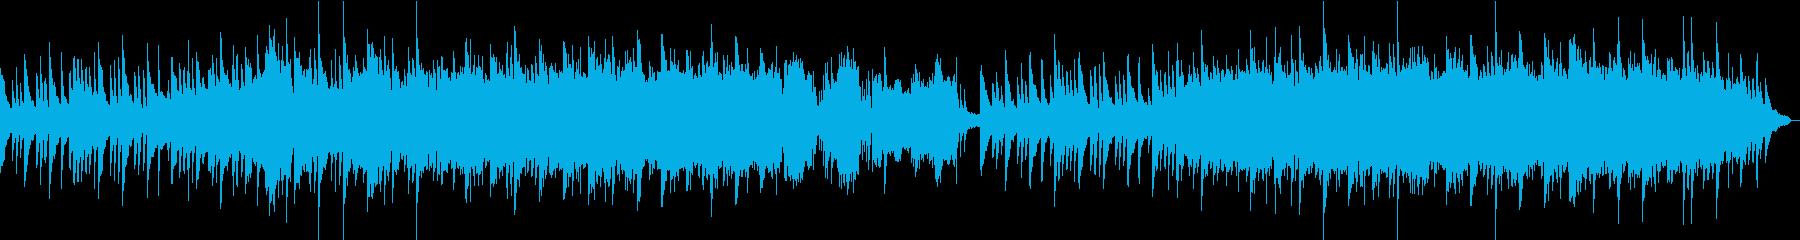 企業VPや映像にキラキラ感動ピアノBGMの再生済みの波形